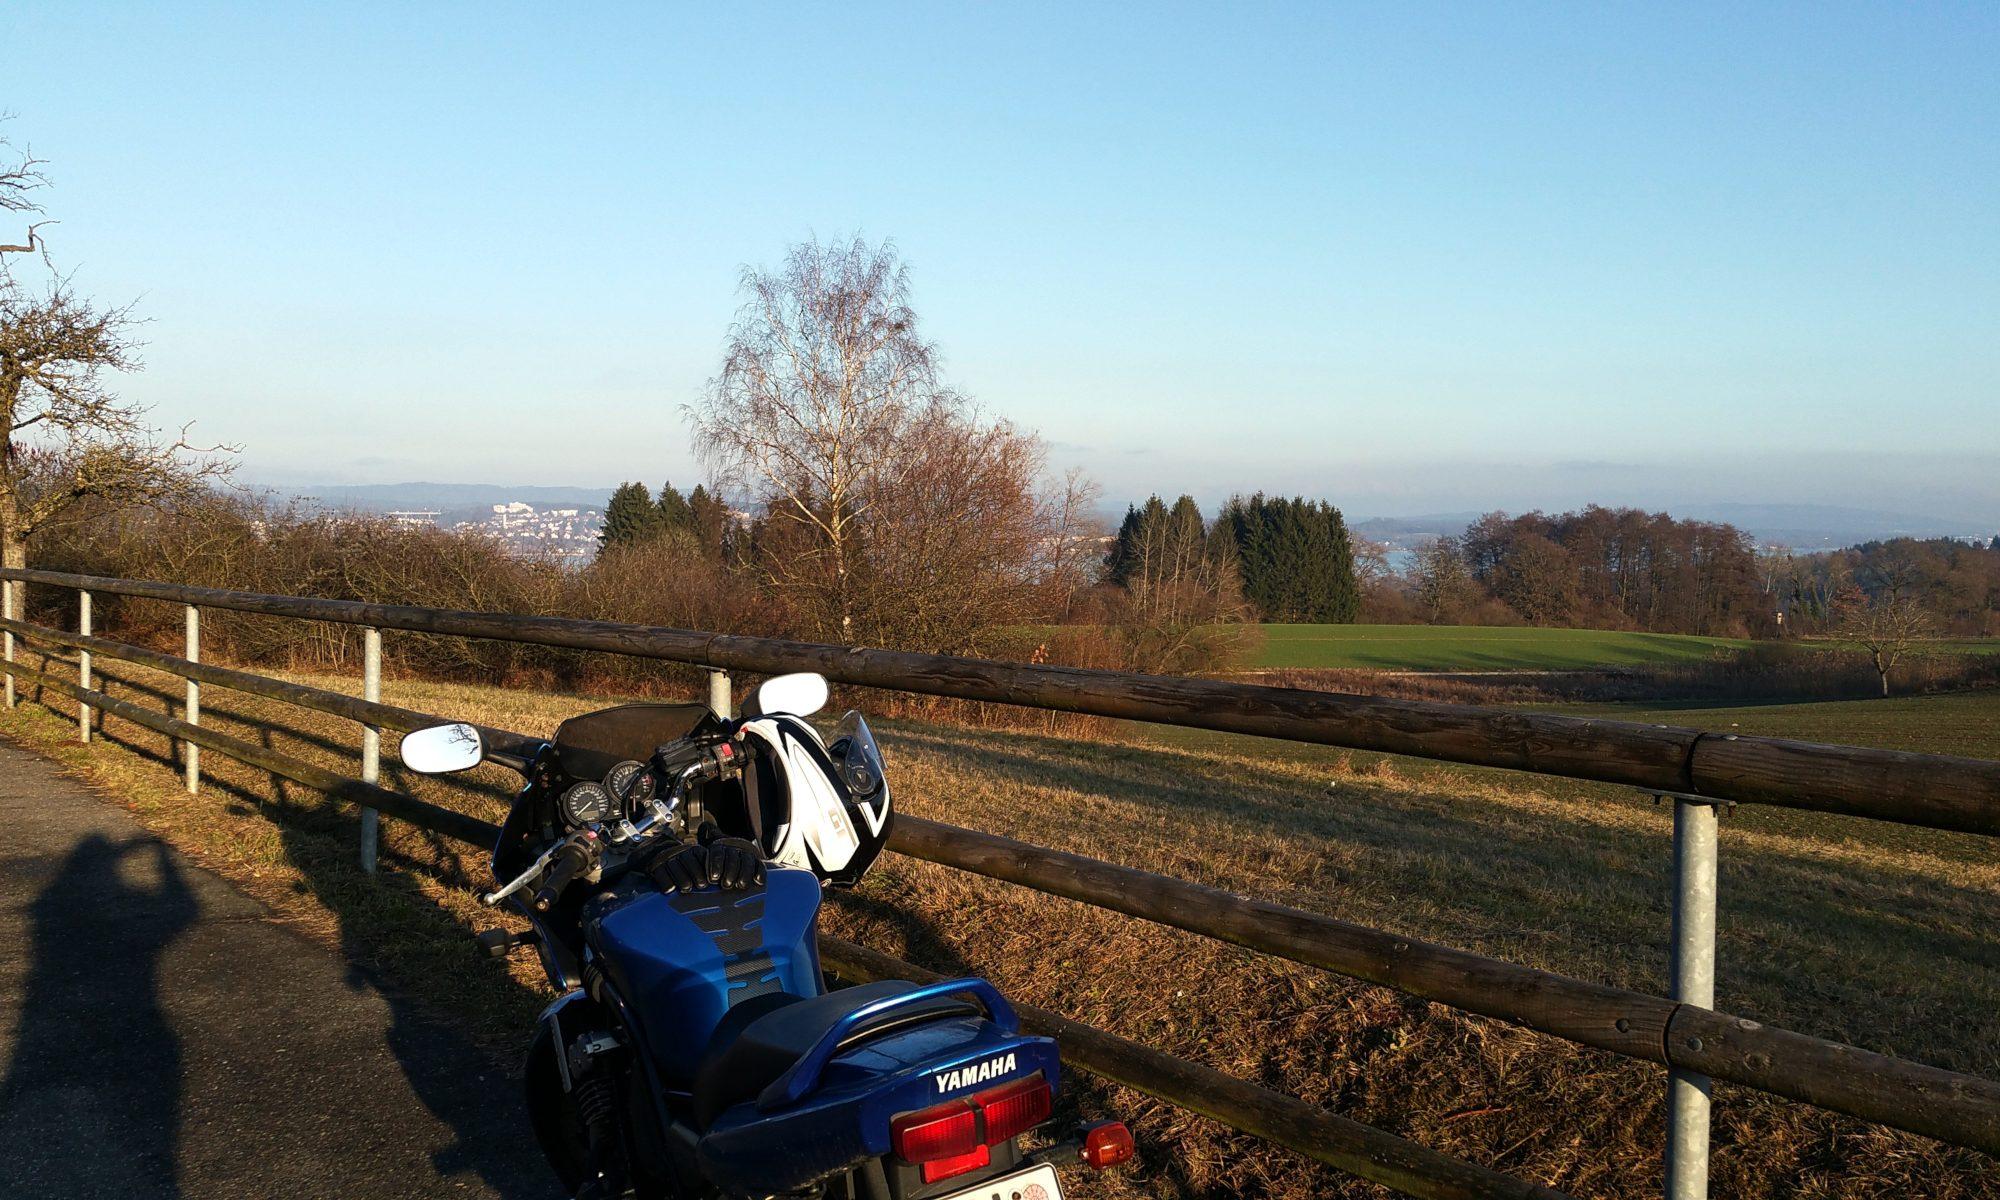 Motorrad, See, Schatten - miradlo Versanddepot - Motocross-Adventskalender